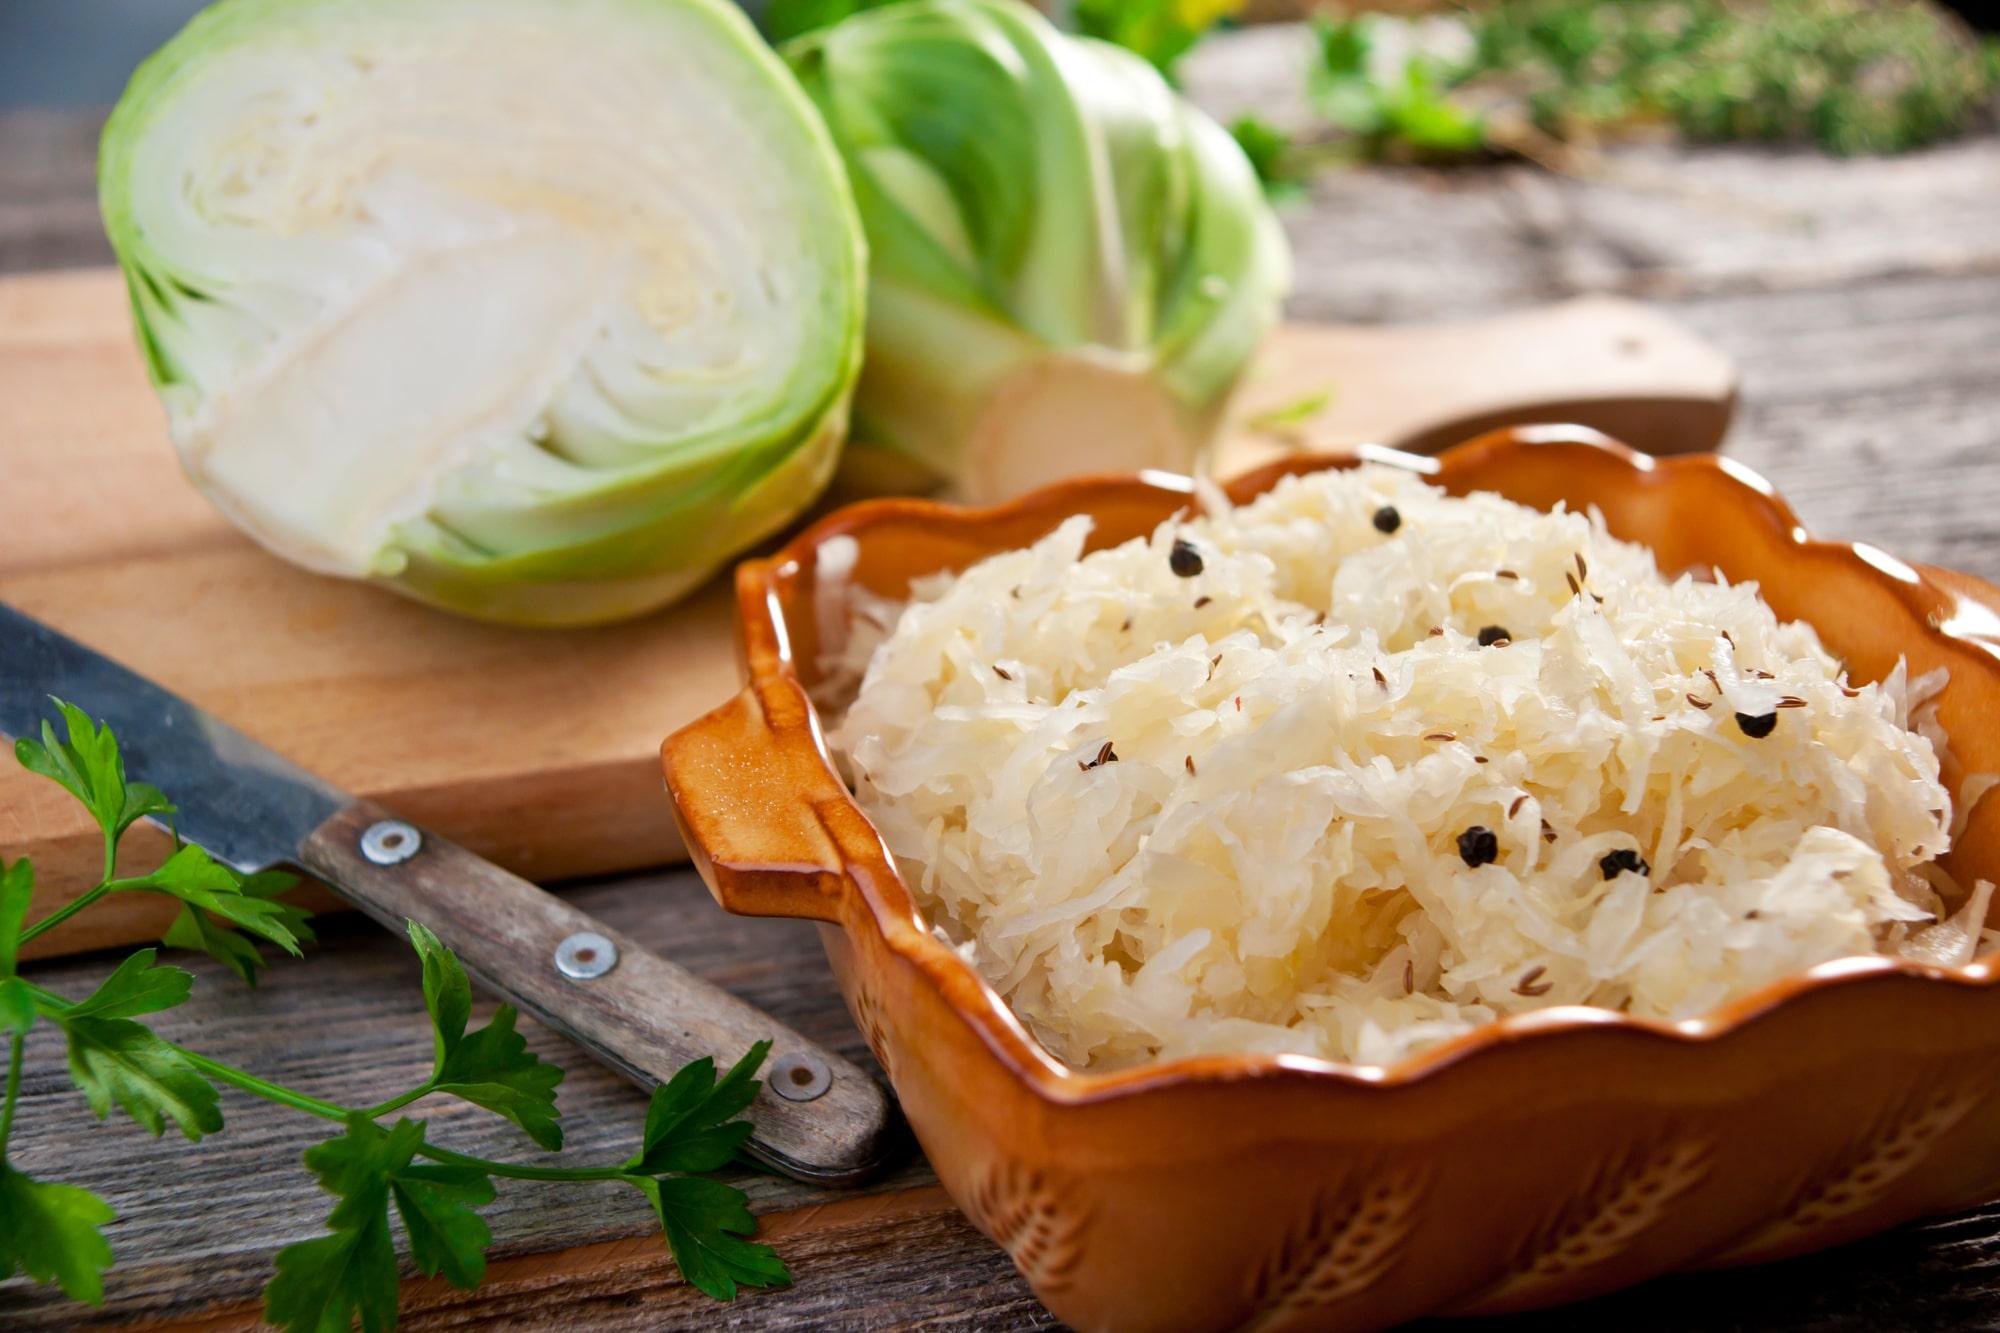 Rhoot How to Make Homemade Sauerkraut